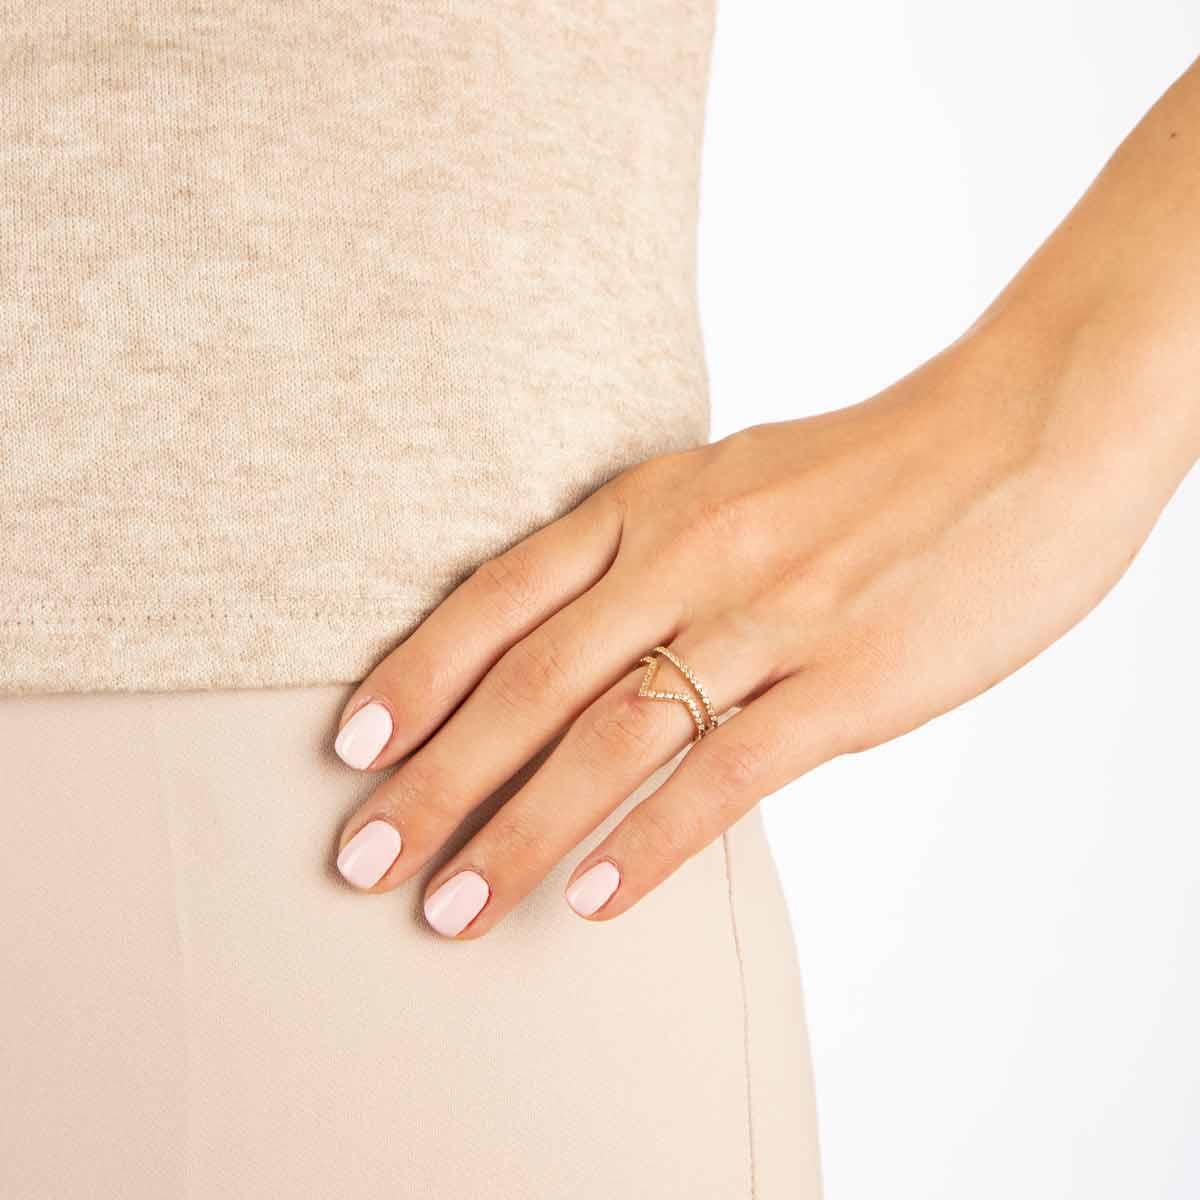 انگشتر طلا تاج پرسته